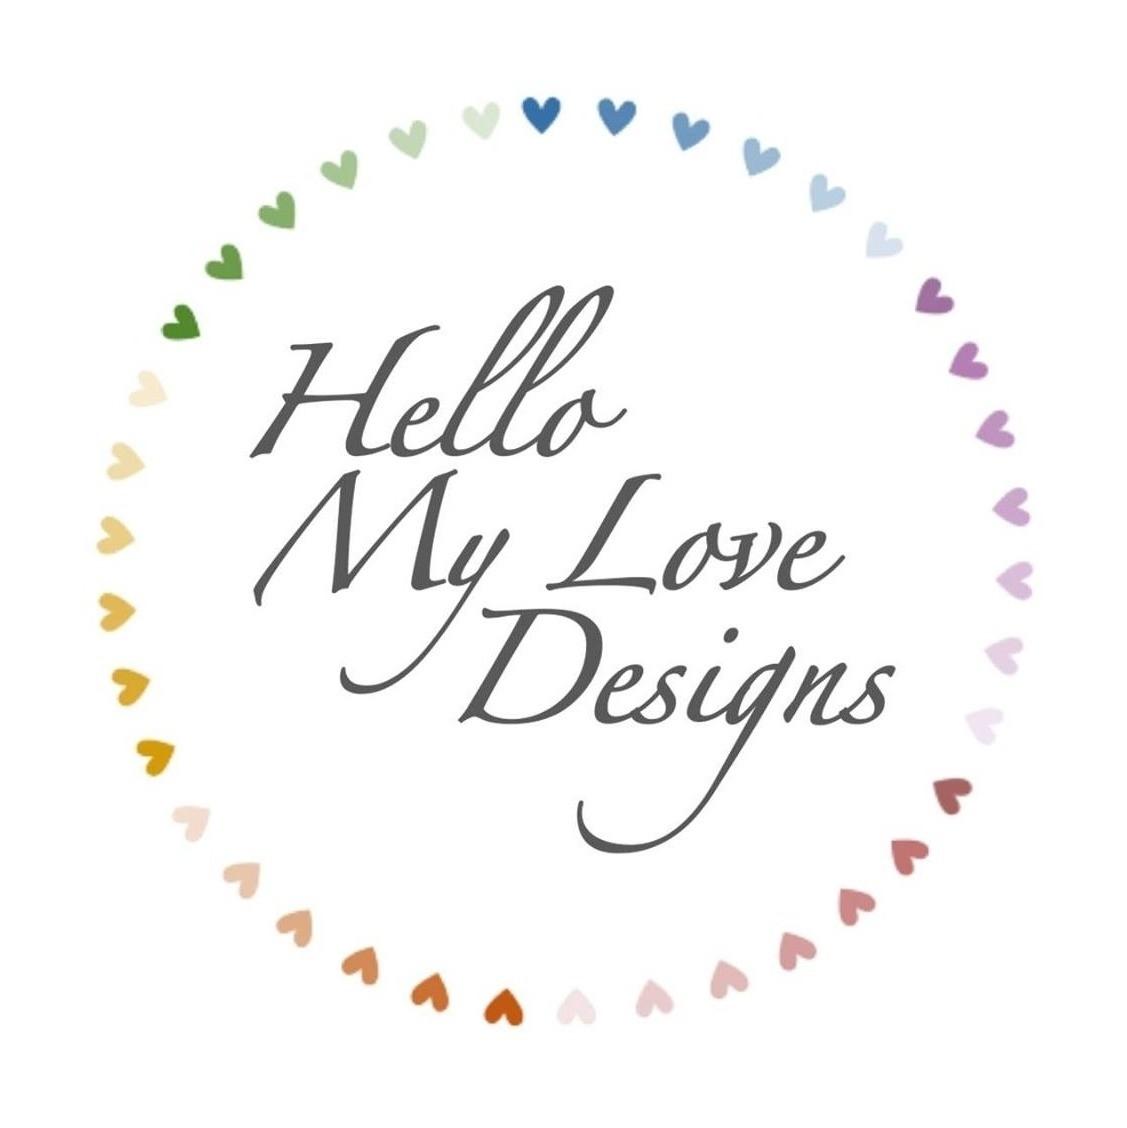 Hello My Love Designs